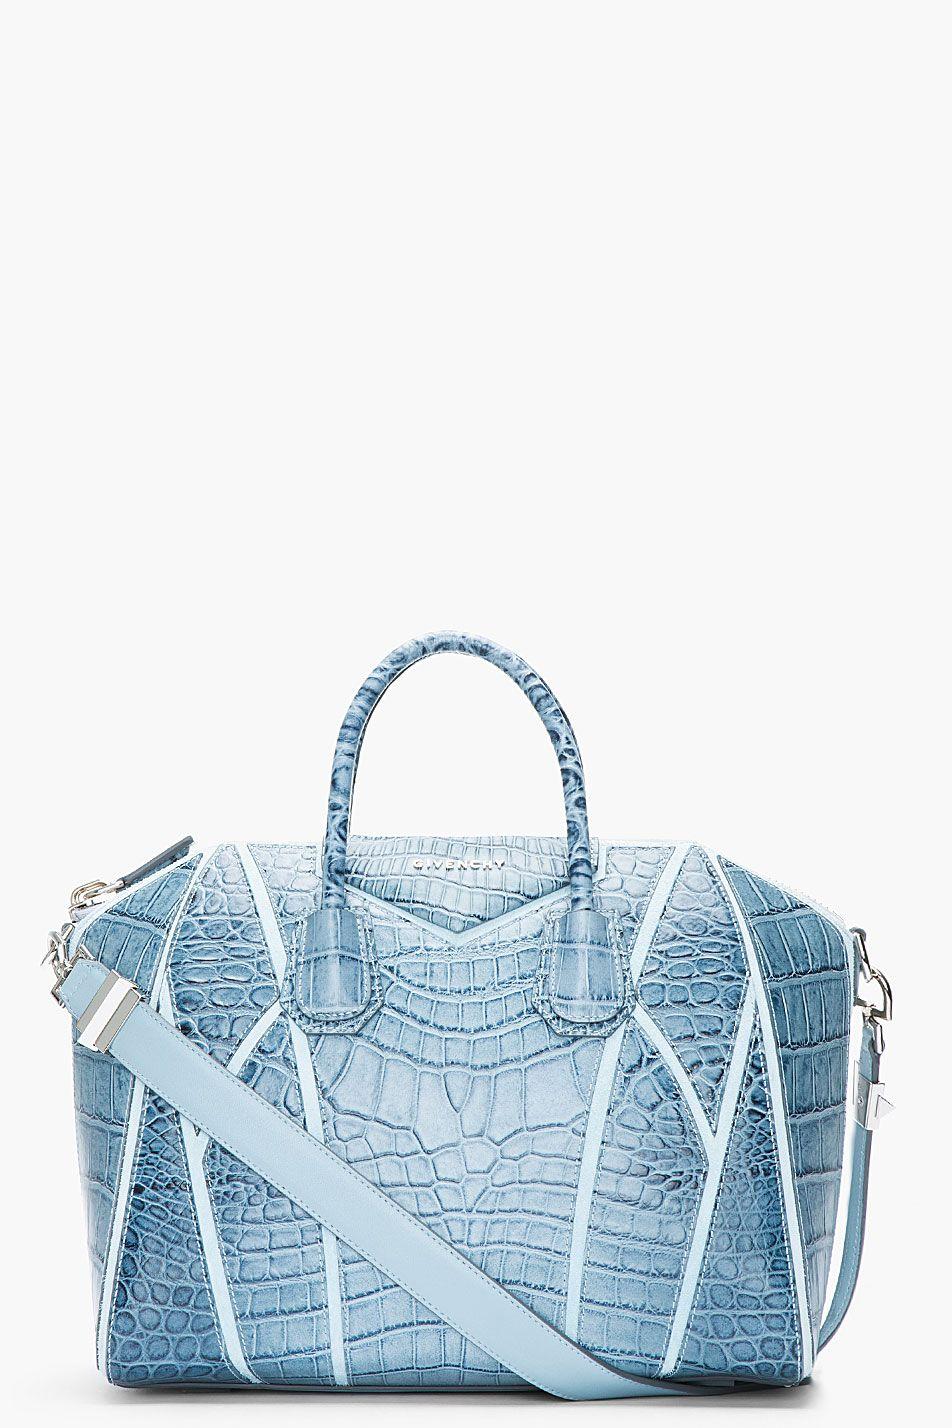 e3a14ef2223 Givenchy | my favorite things <3 | Bags, Givenchy handbags, Handbag ...